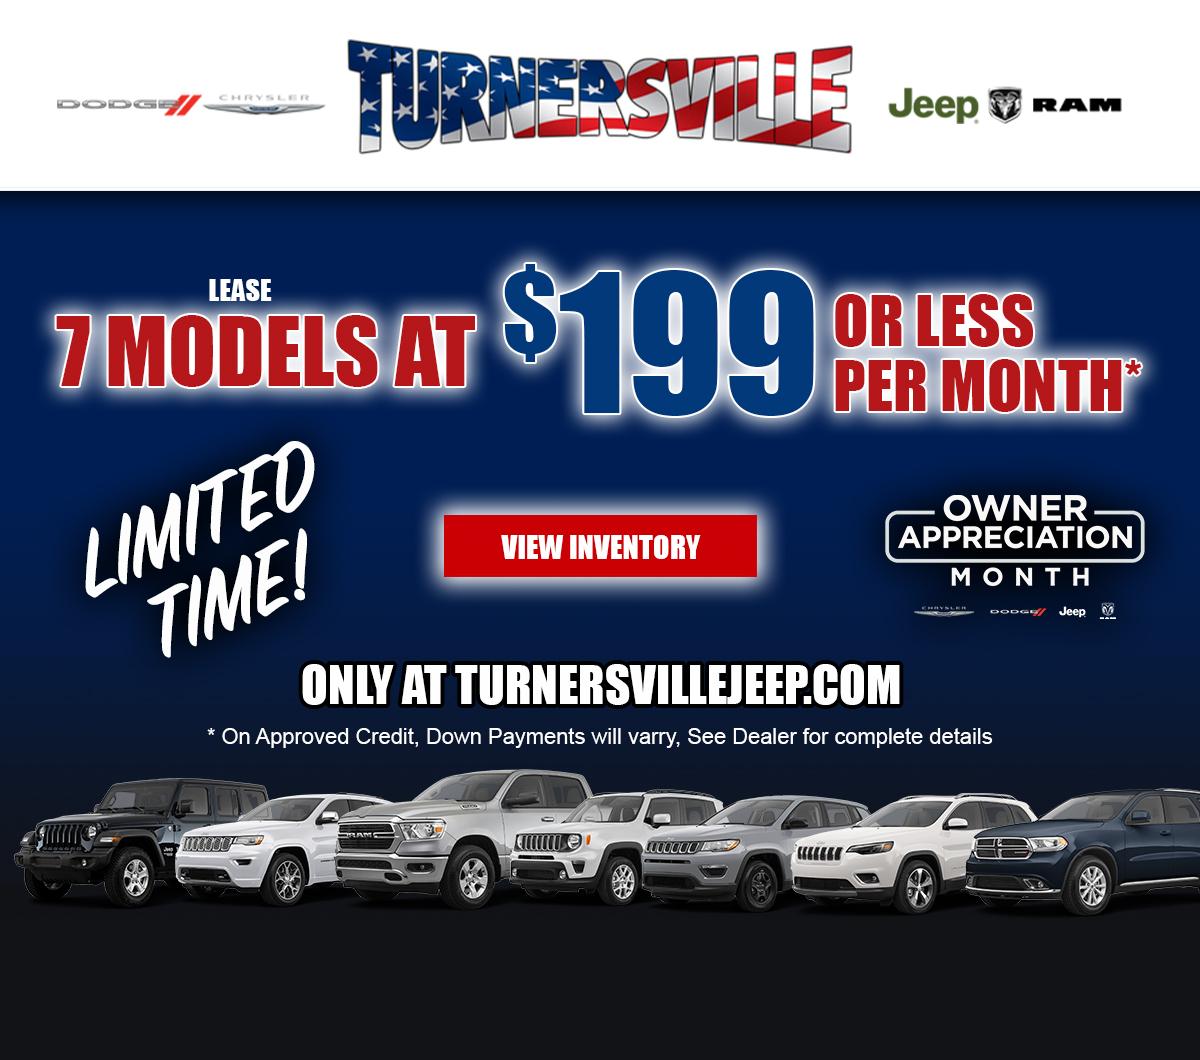 Dodge Dealers In Nj >> Turnersville Chrysler Jeep Dodge Ram Serving New Jersey